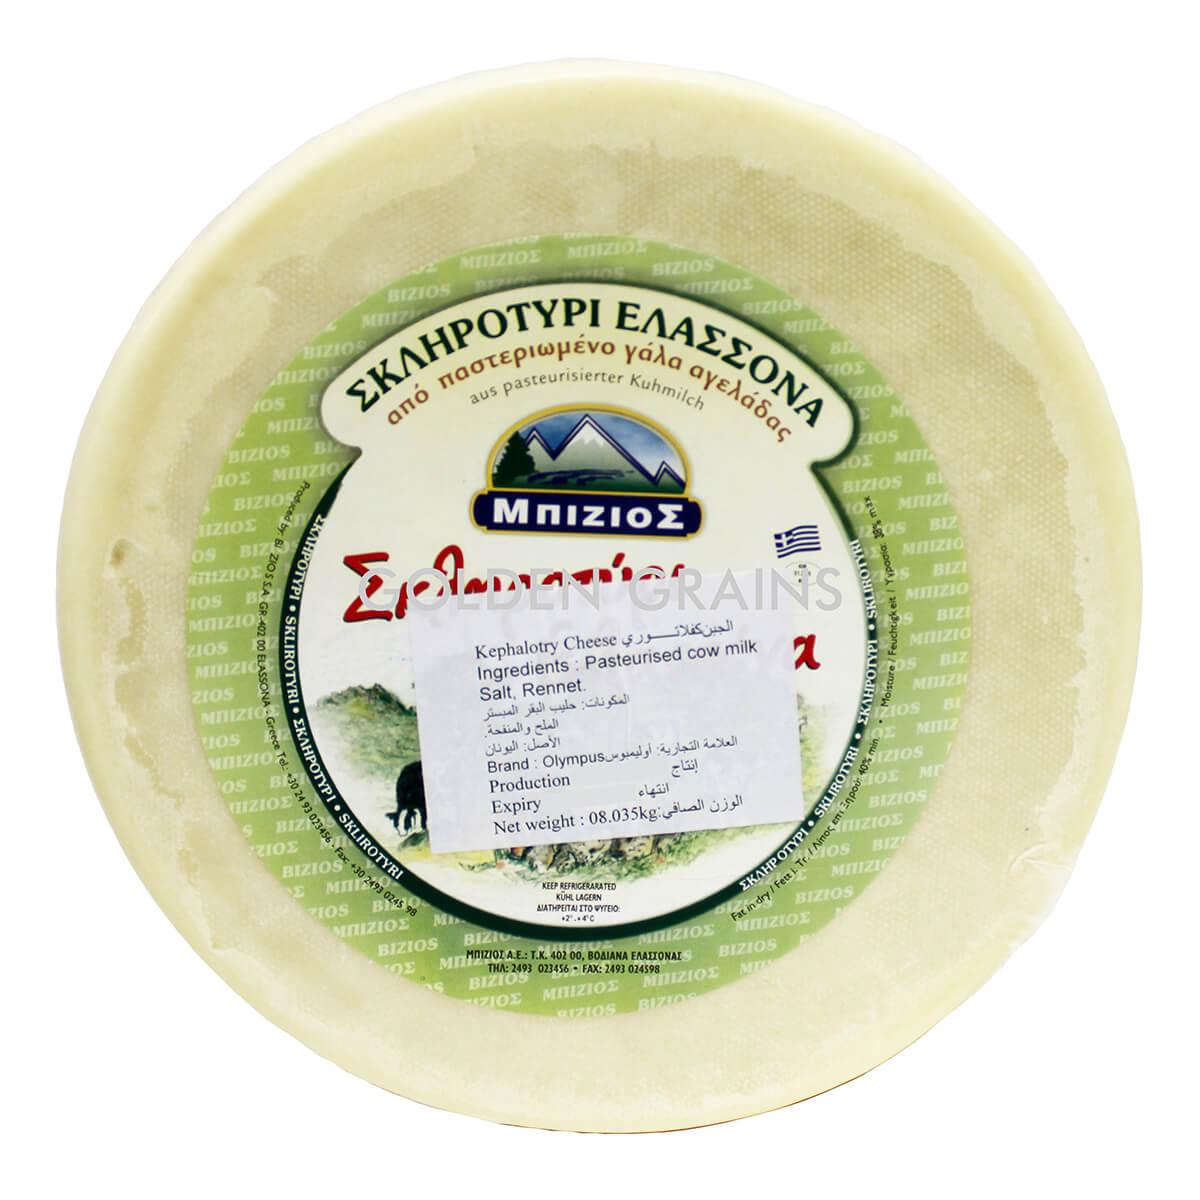 Golden Grains Kephalotry Cheese - Front.jpg